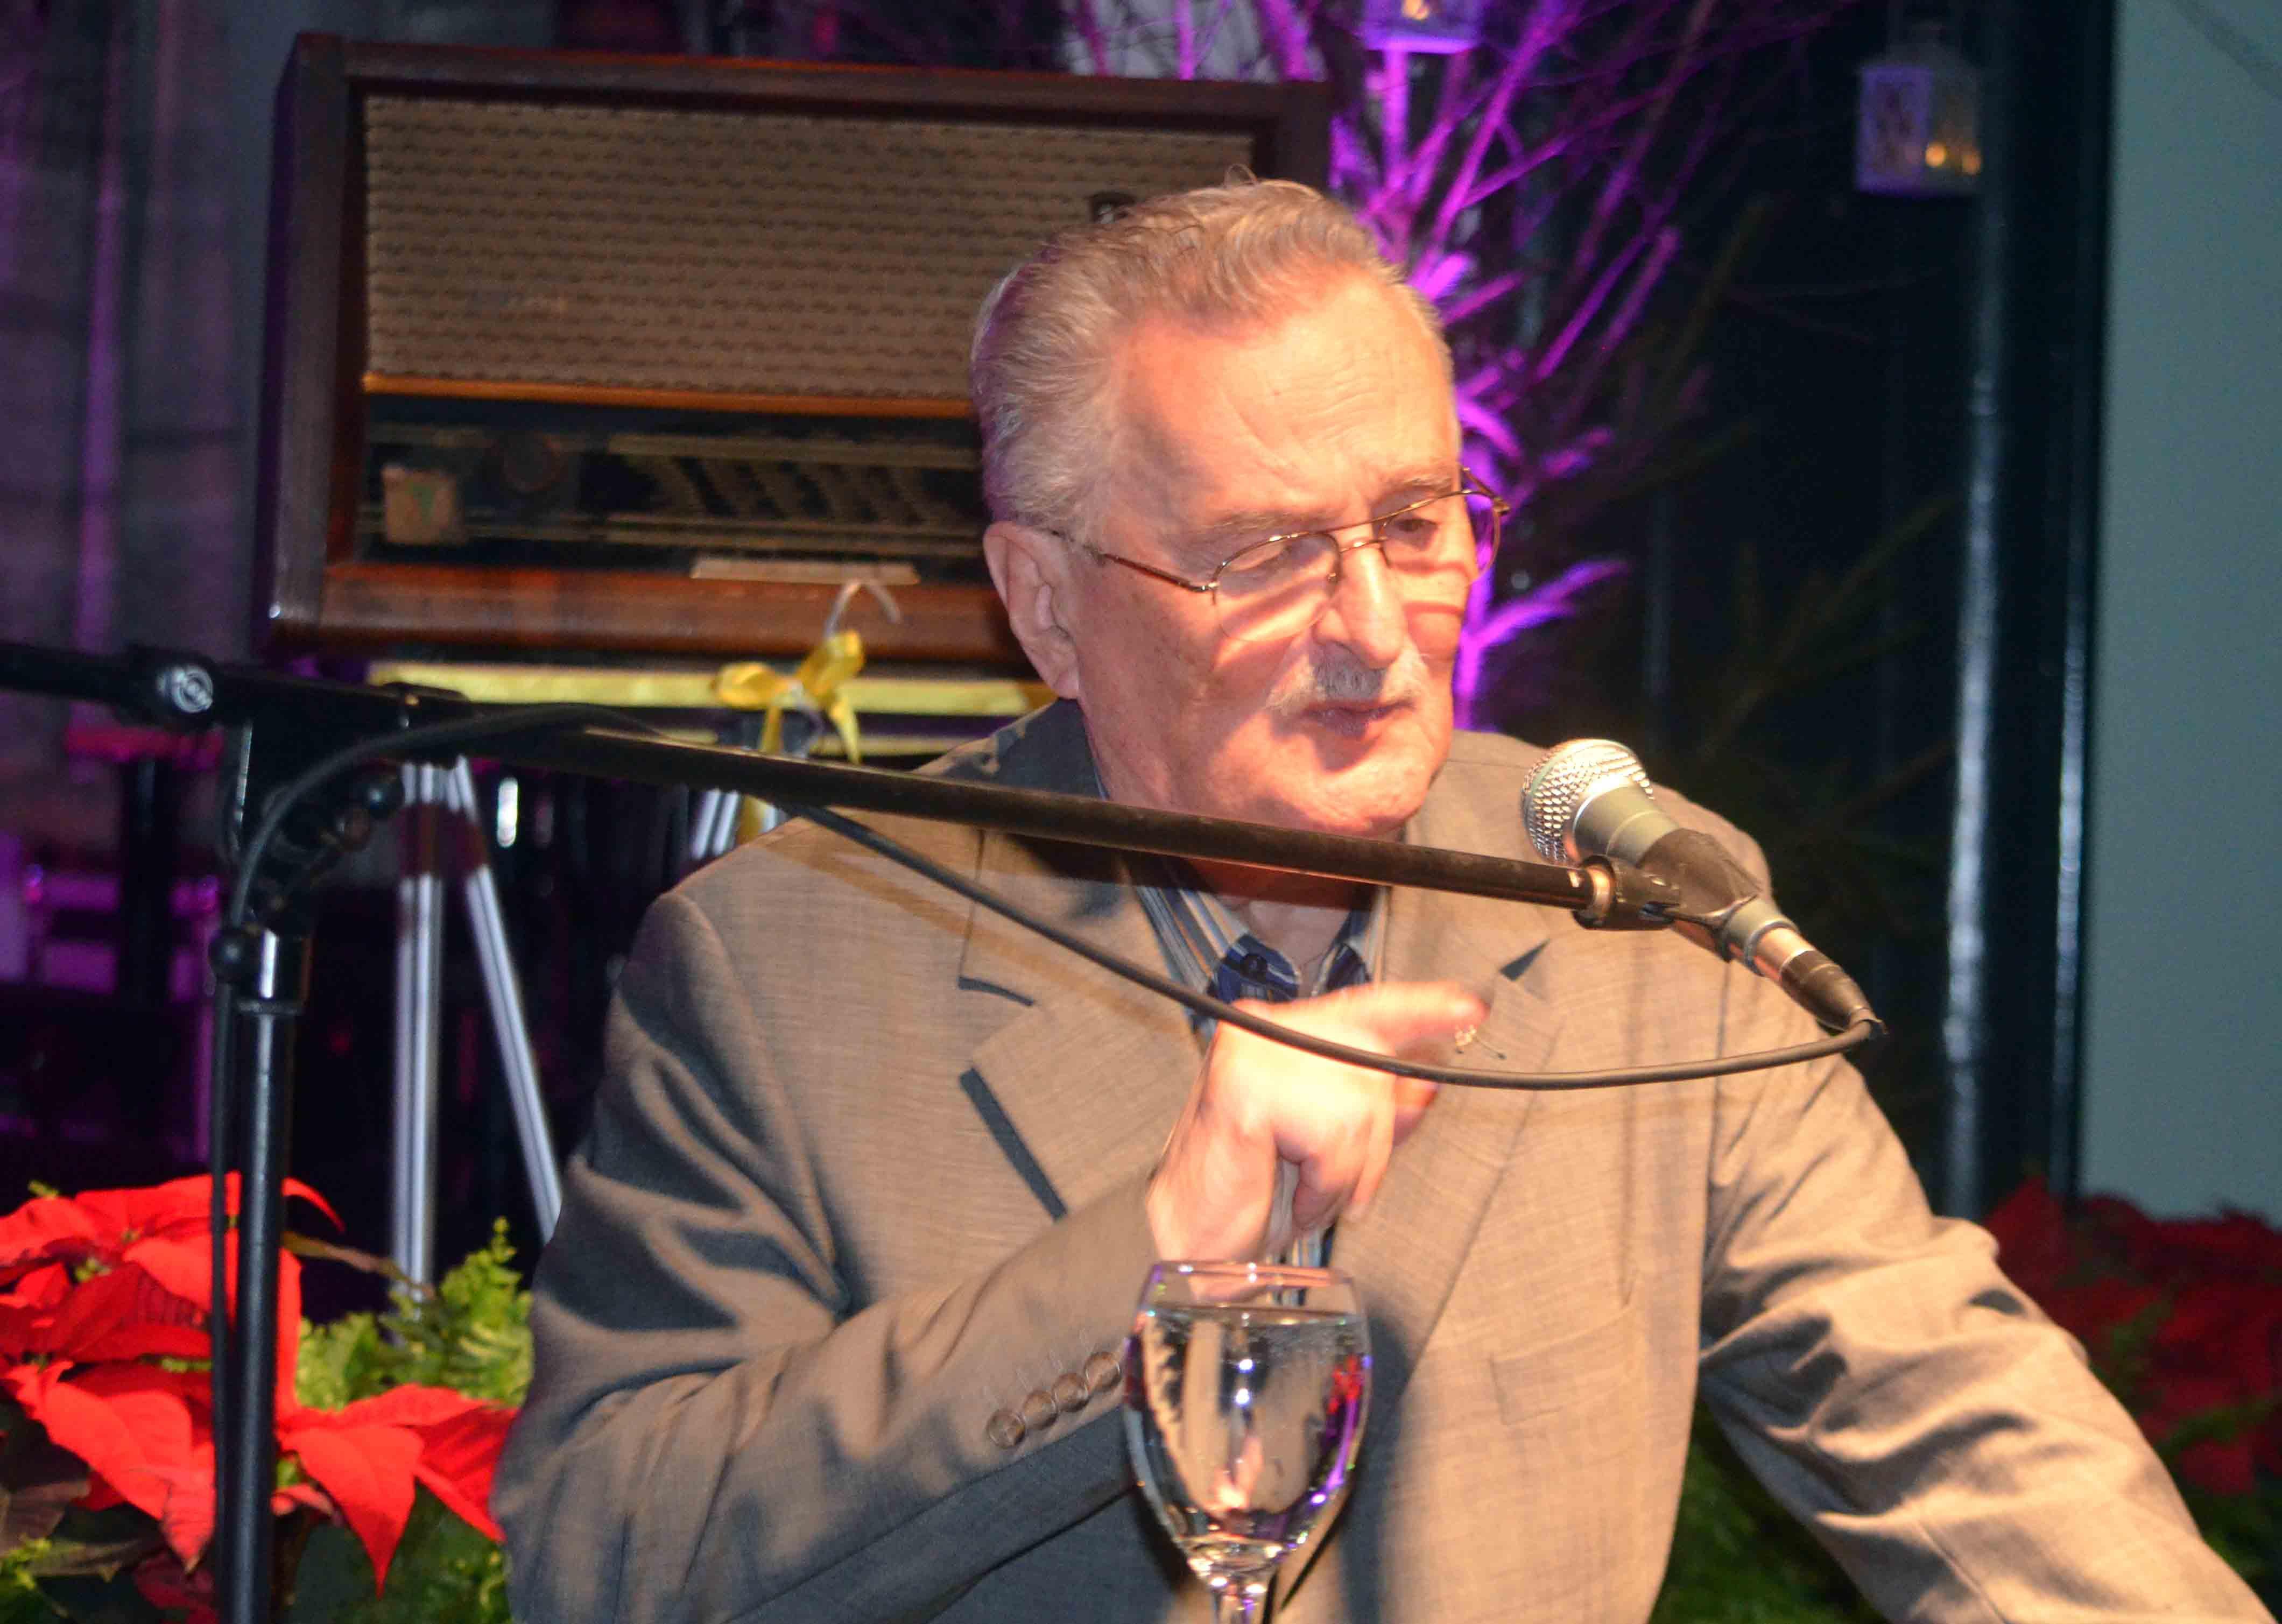 Legenda hrvatskog novinarstva Ivica Kovačević bio je 1969. prvi glavni urednik Radija Delnice, kasnije RGK-a / Snimio Marinko KRMPOTIĆ